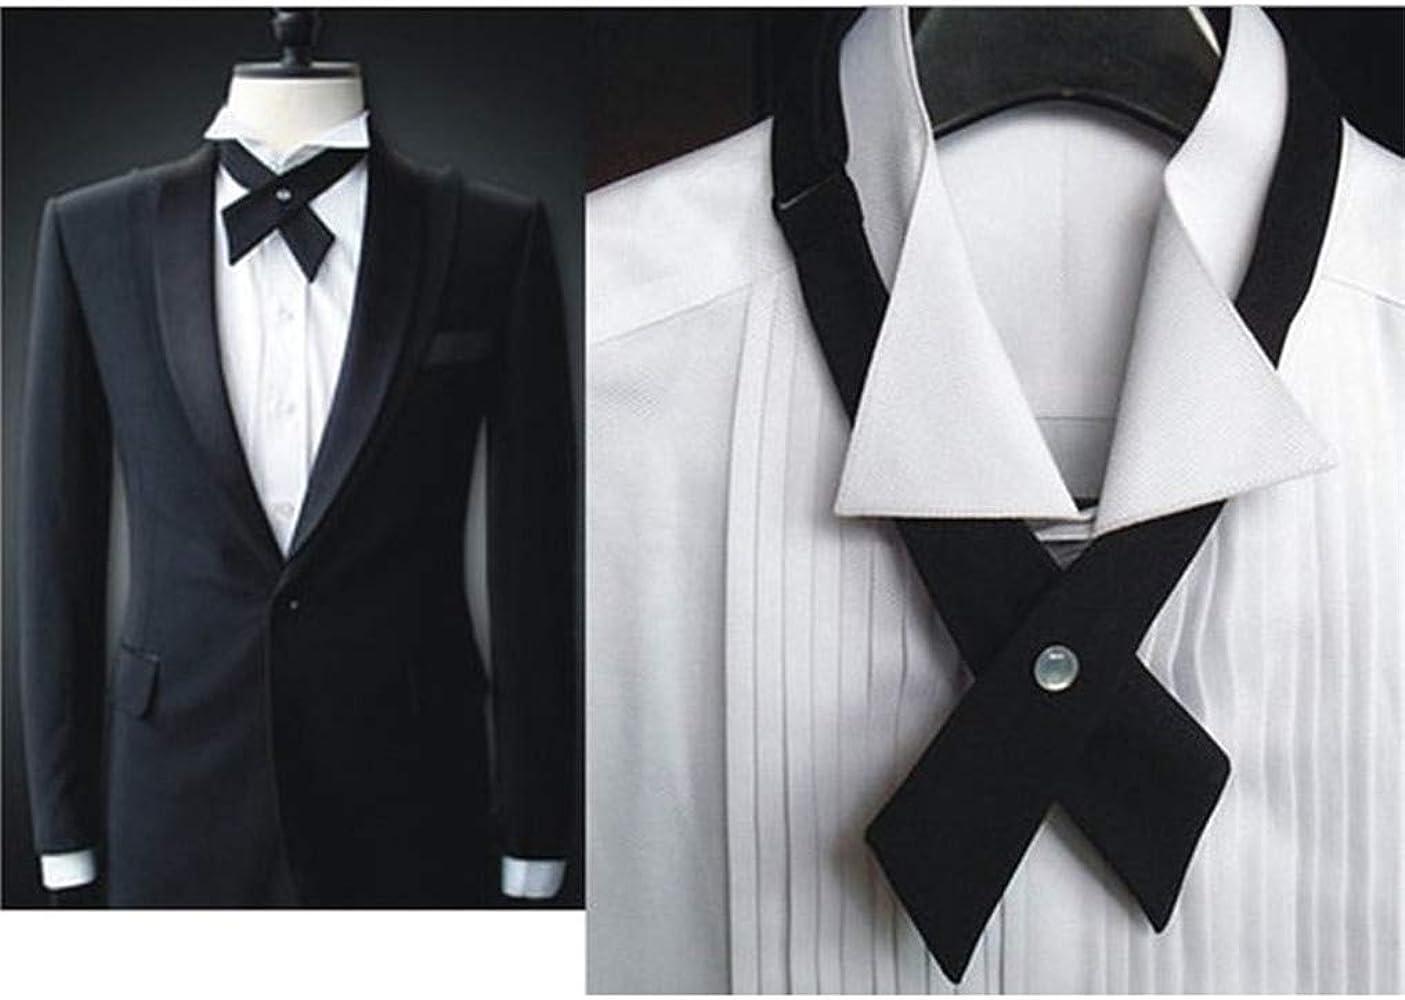 GUAngqi Graceful Unisex Ties Solid Hair Neck Accessories Adjustable Criss-Cross Tie Casual Uniform Neck Tie Cross Tie